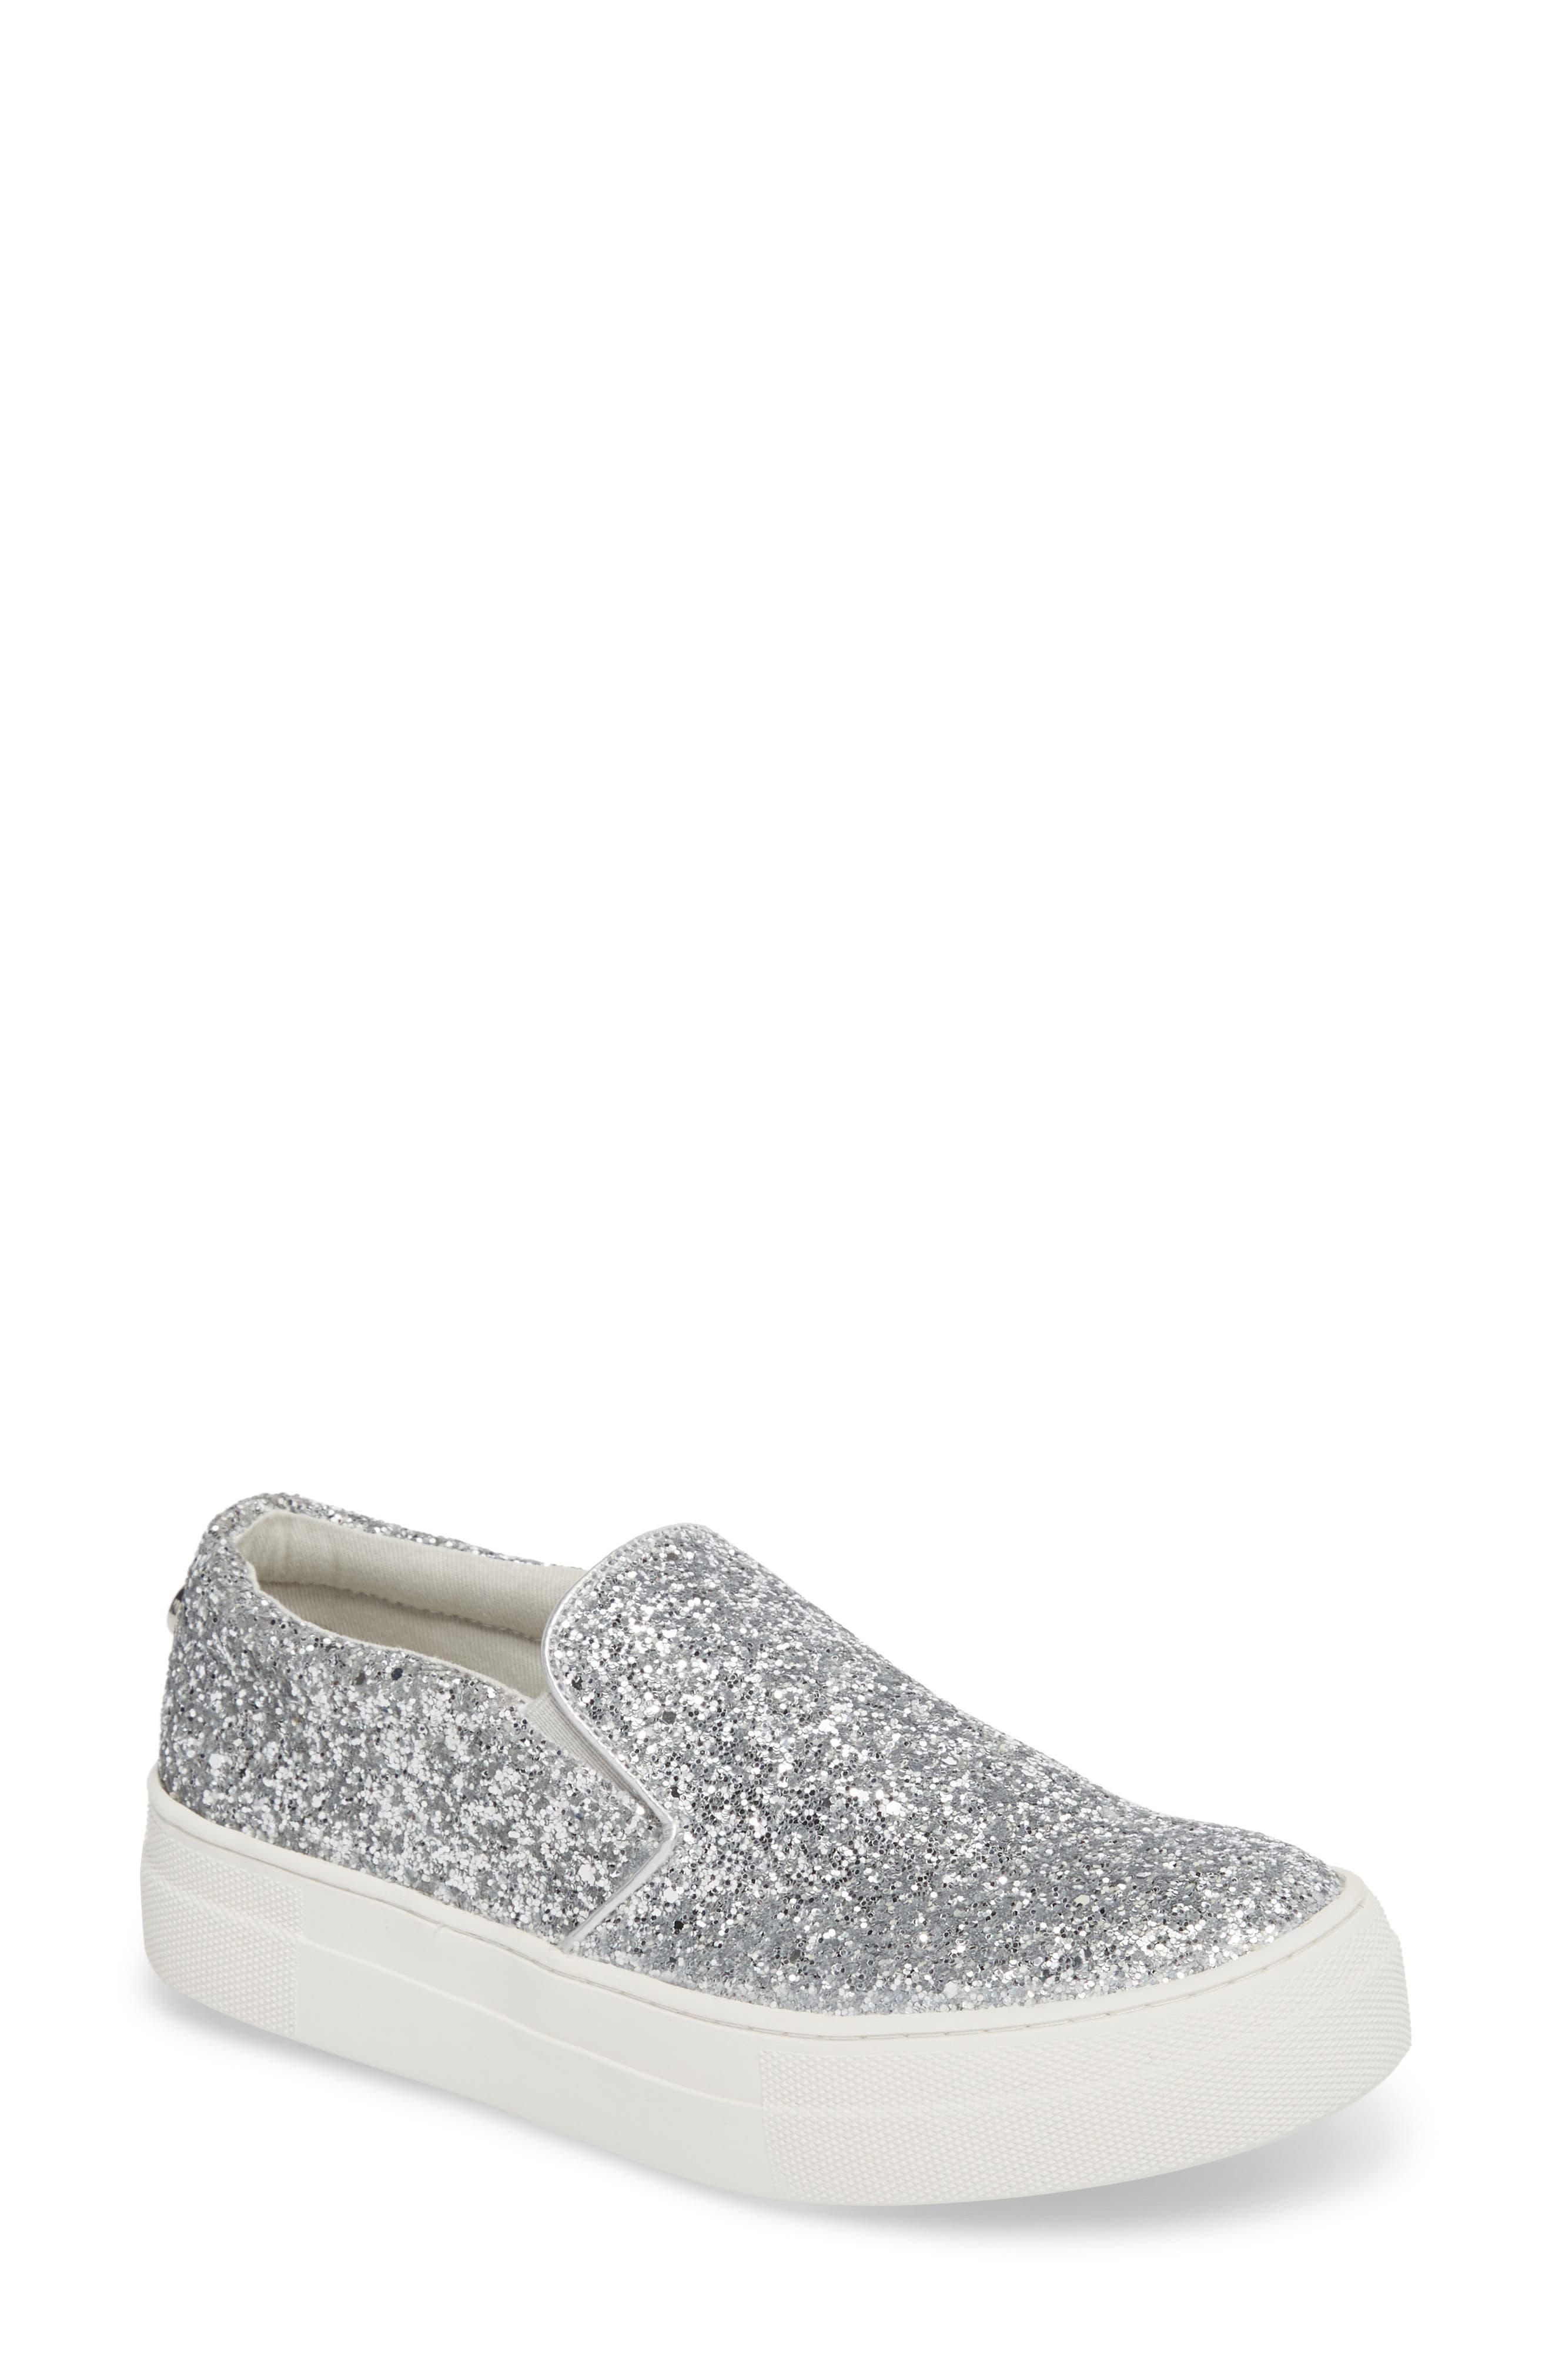 Gills Platform Slip-On Sneaker,                             Main thumbnail 1, color,                             Silver Glitter